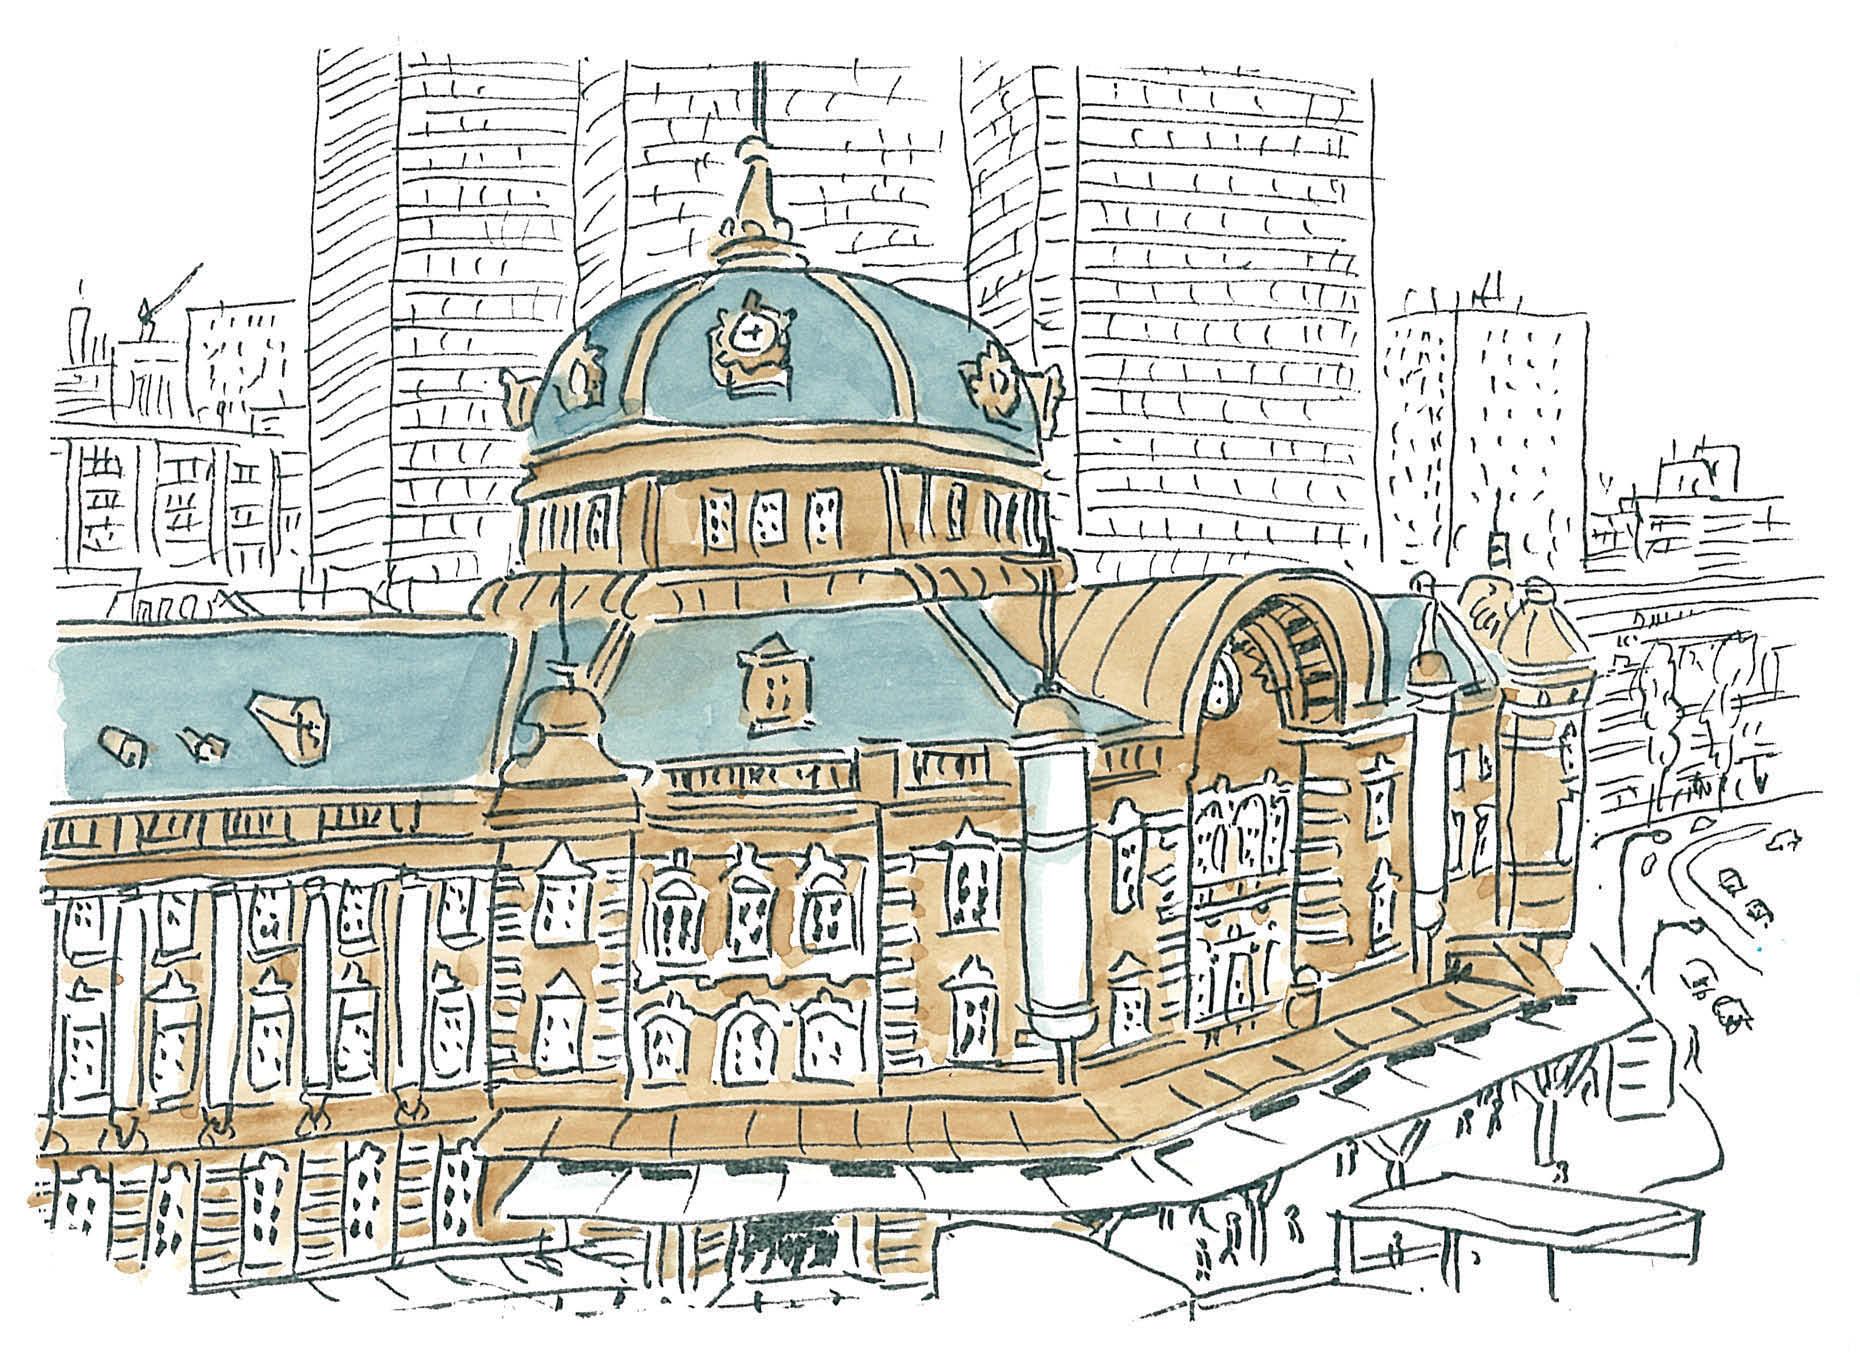 永沢まこと-街スケッチ-01-15